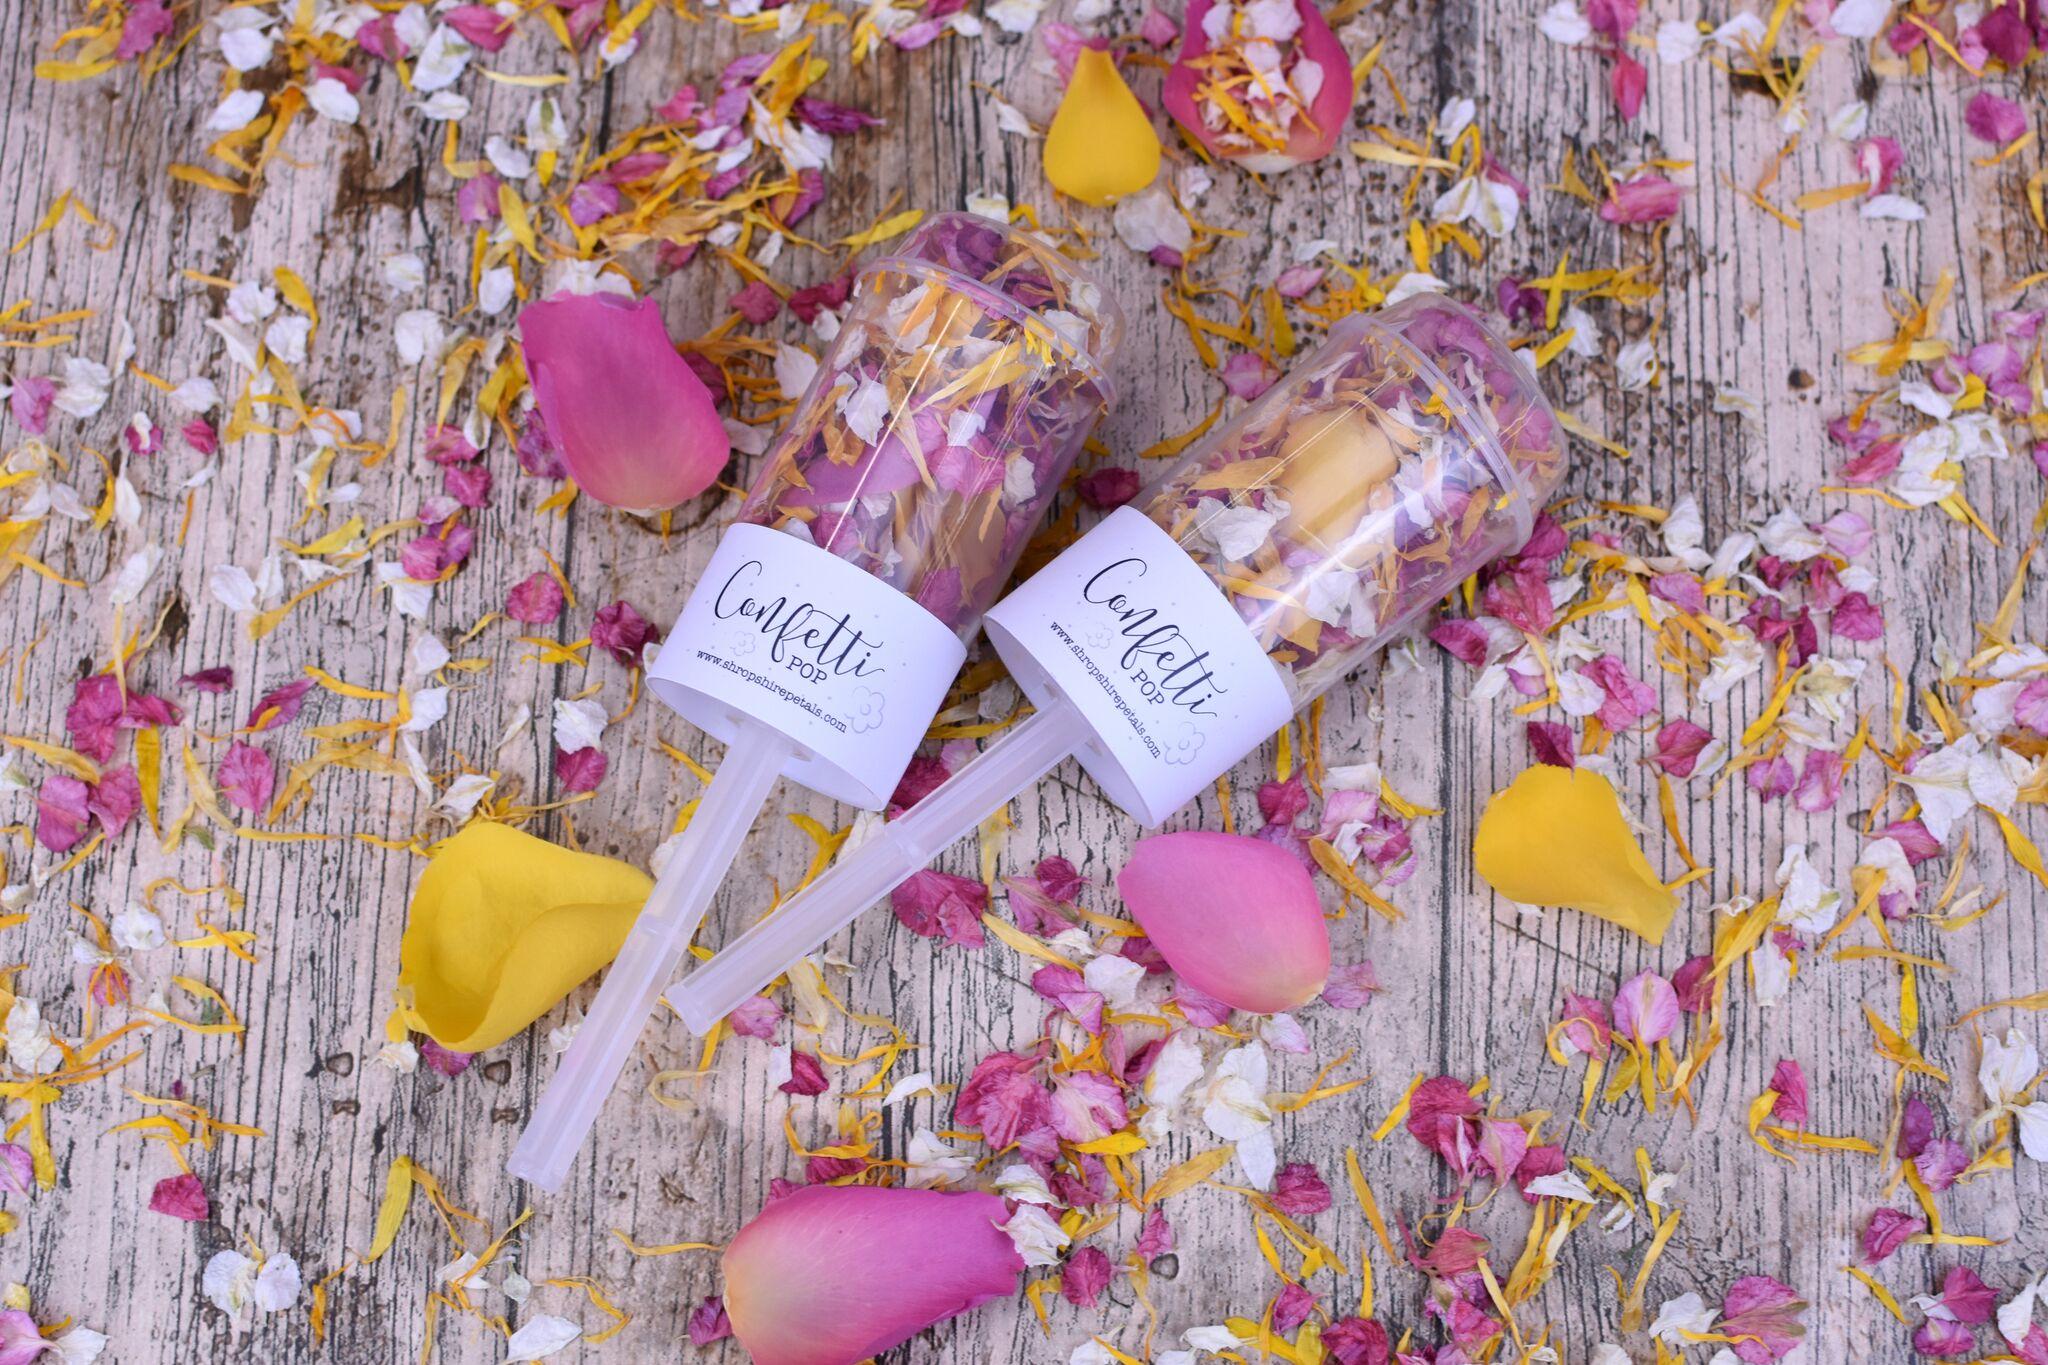 ShropshirePetals.com Confetti Pops with Icing Sugar